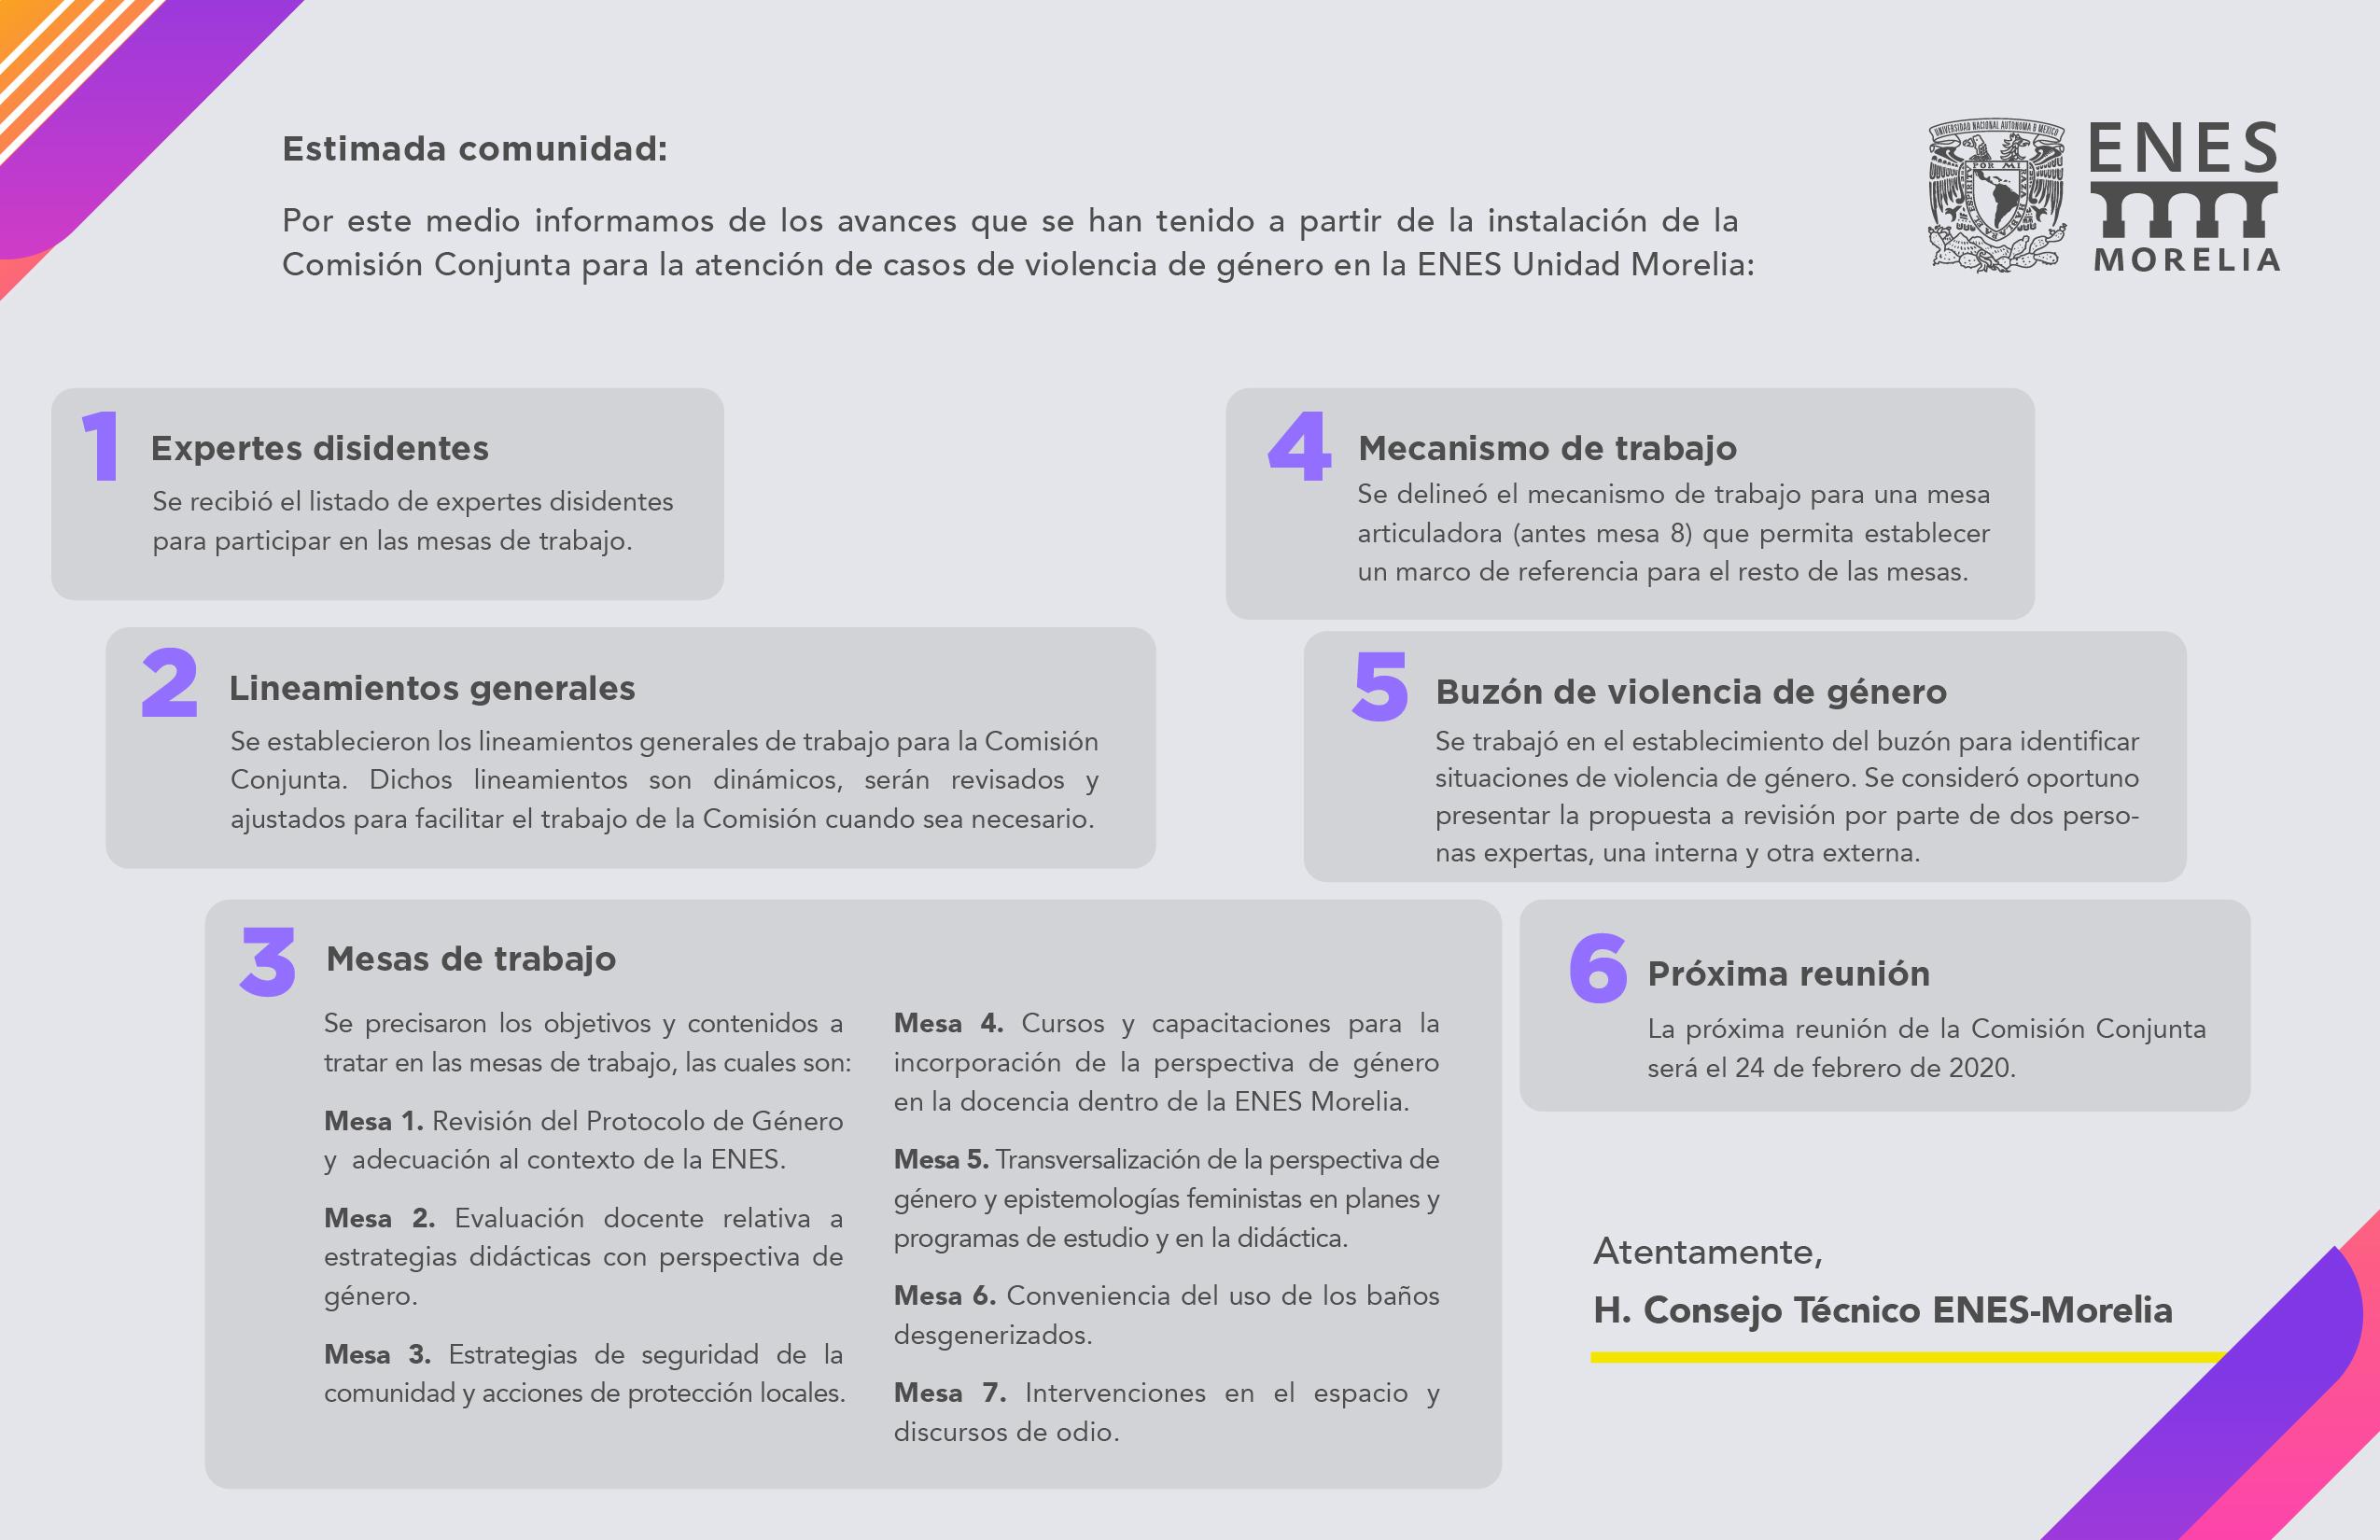 COMUNICADO-ENES-120220-01